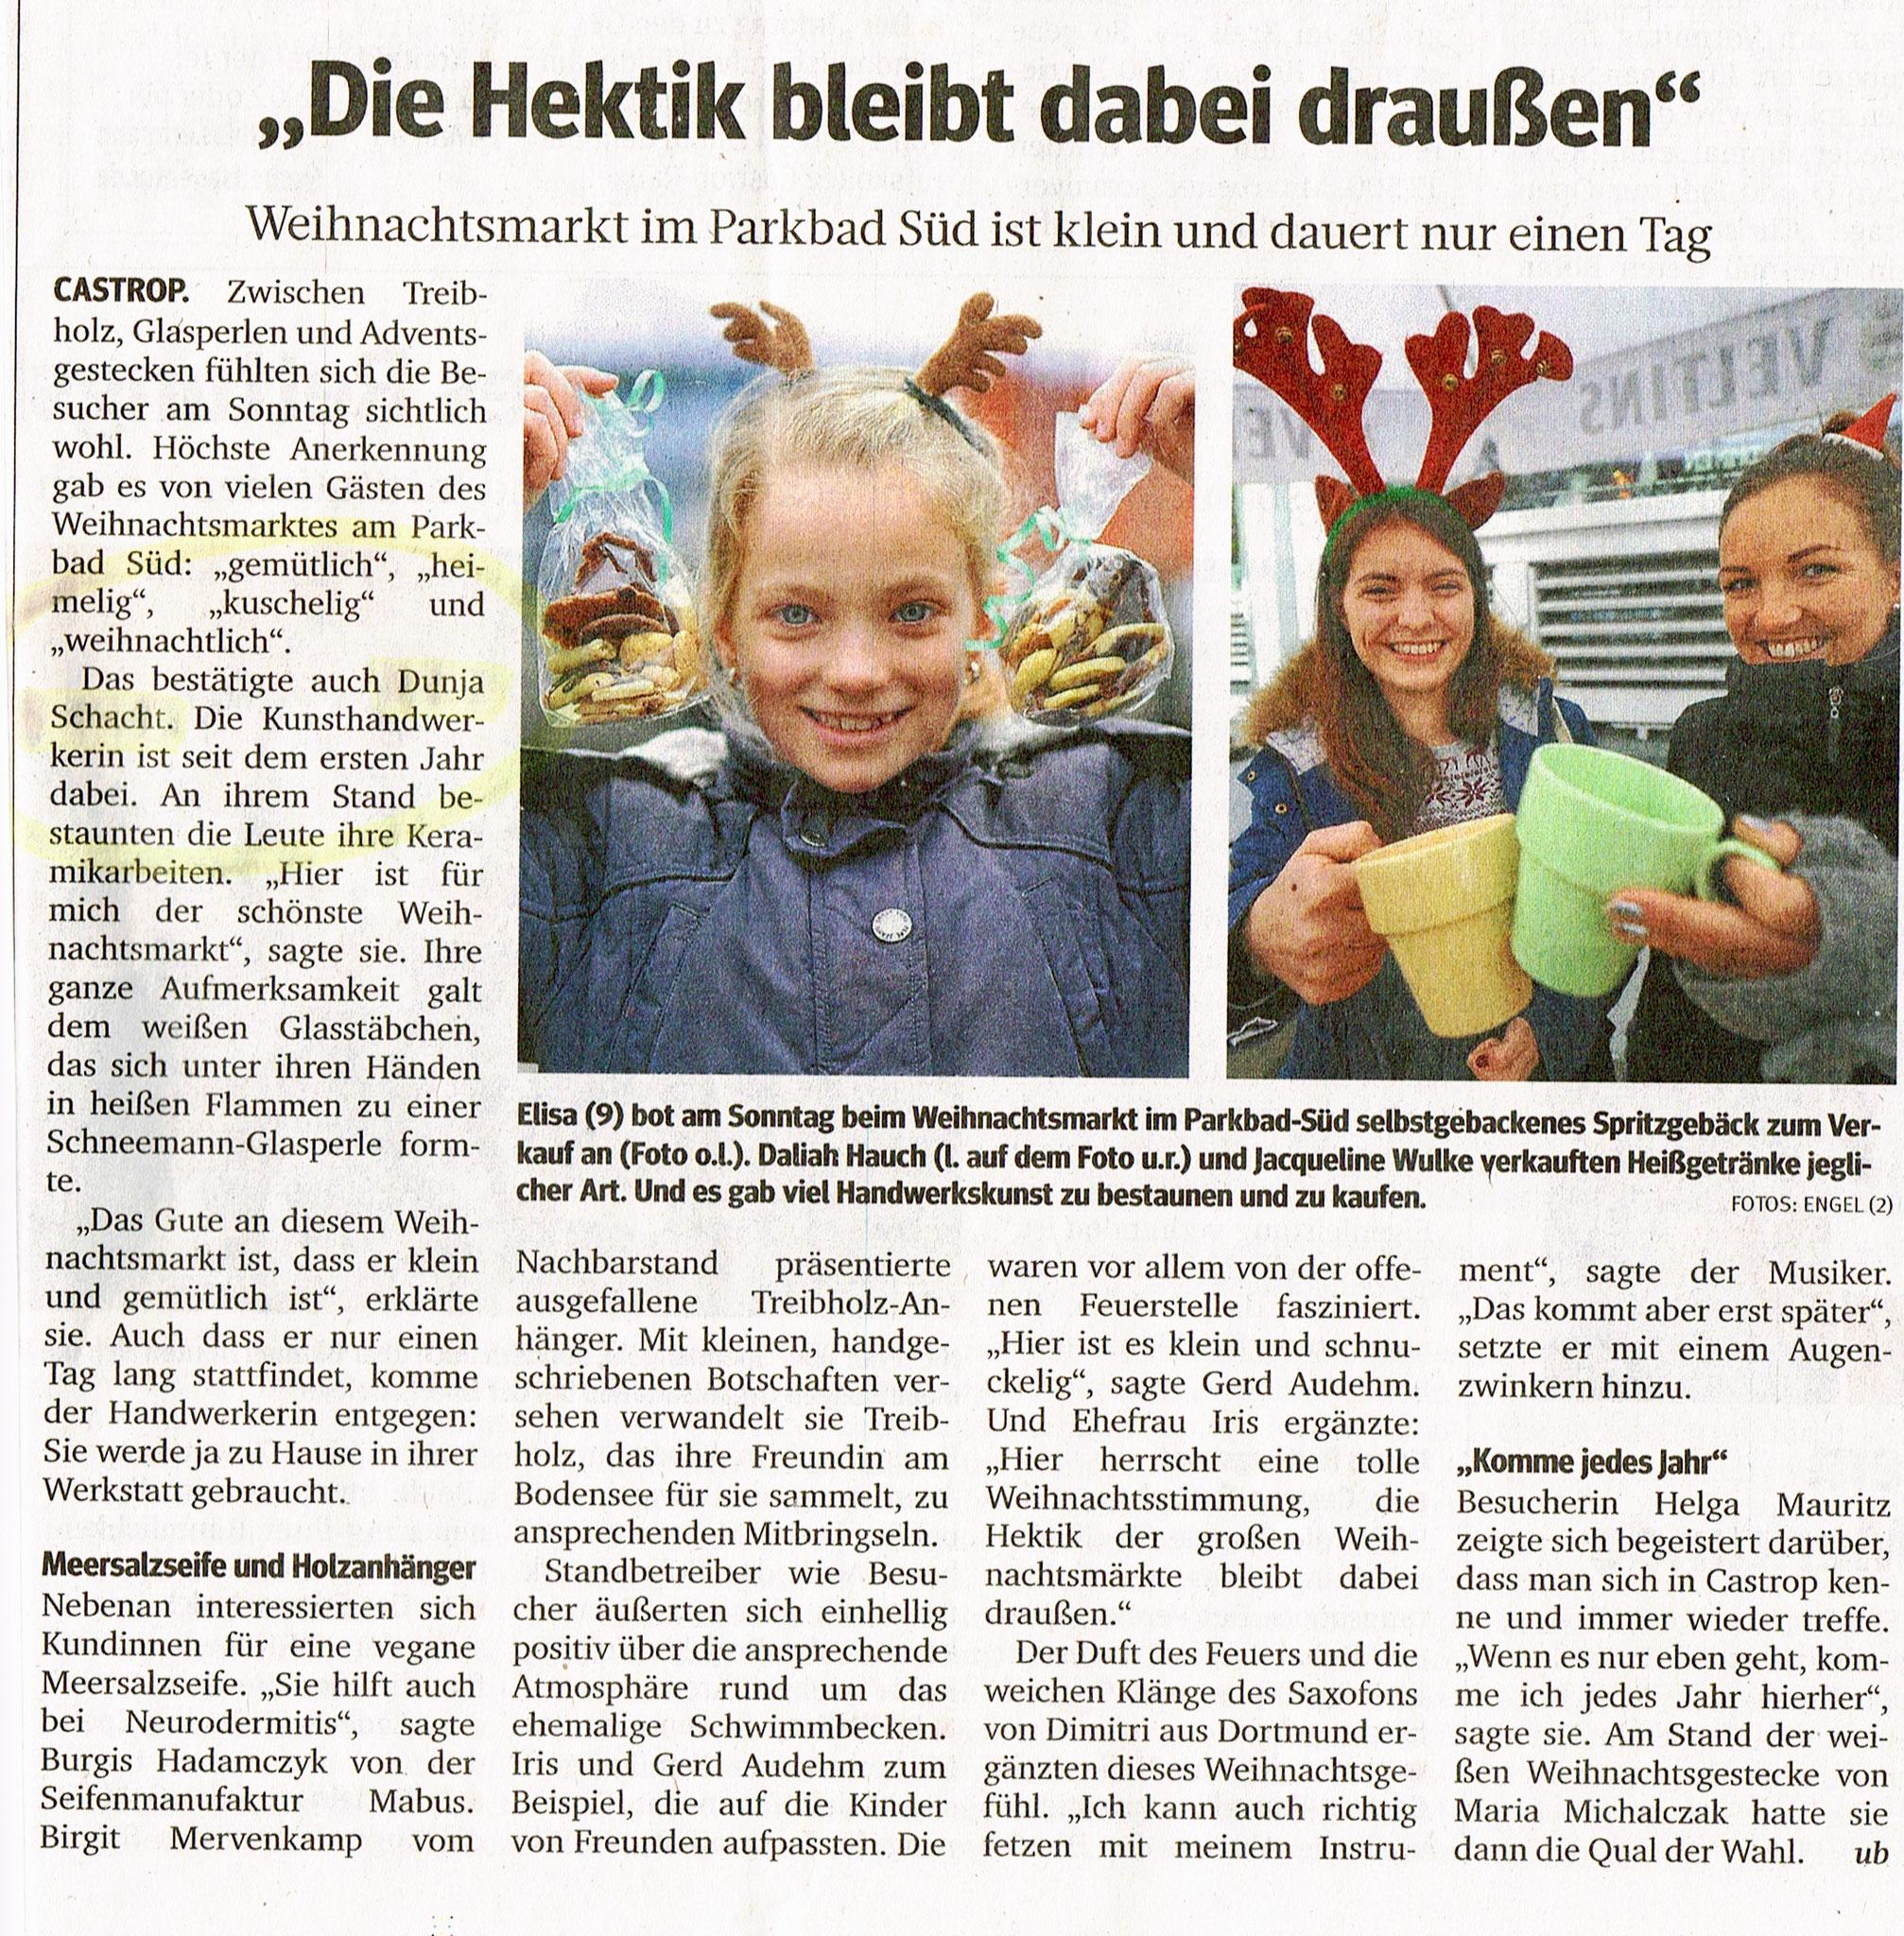 Die Keramikzeit beim Adventsmarkt im Parkbad Süd Castrop-Rauxel - Bericht (Quelle: WAZ vom 13.12.2016)